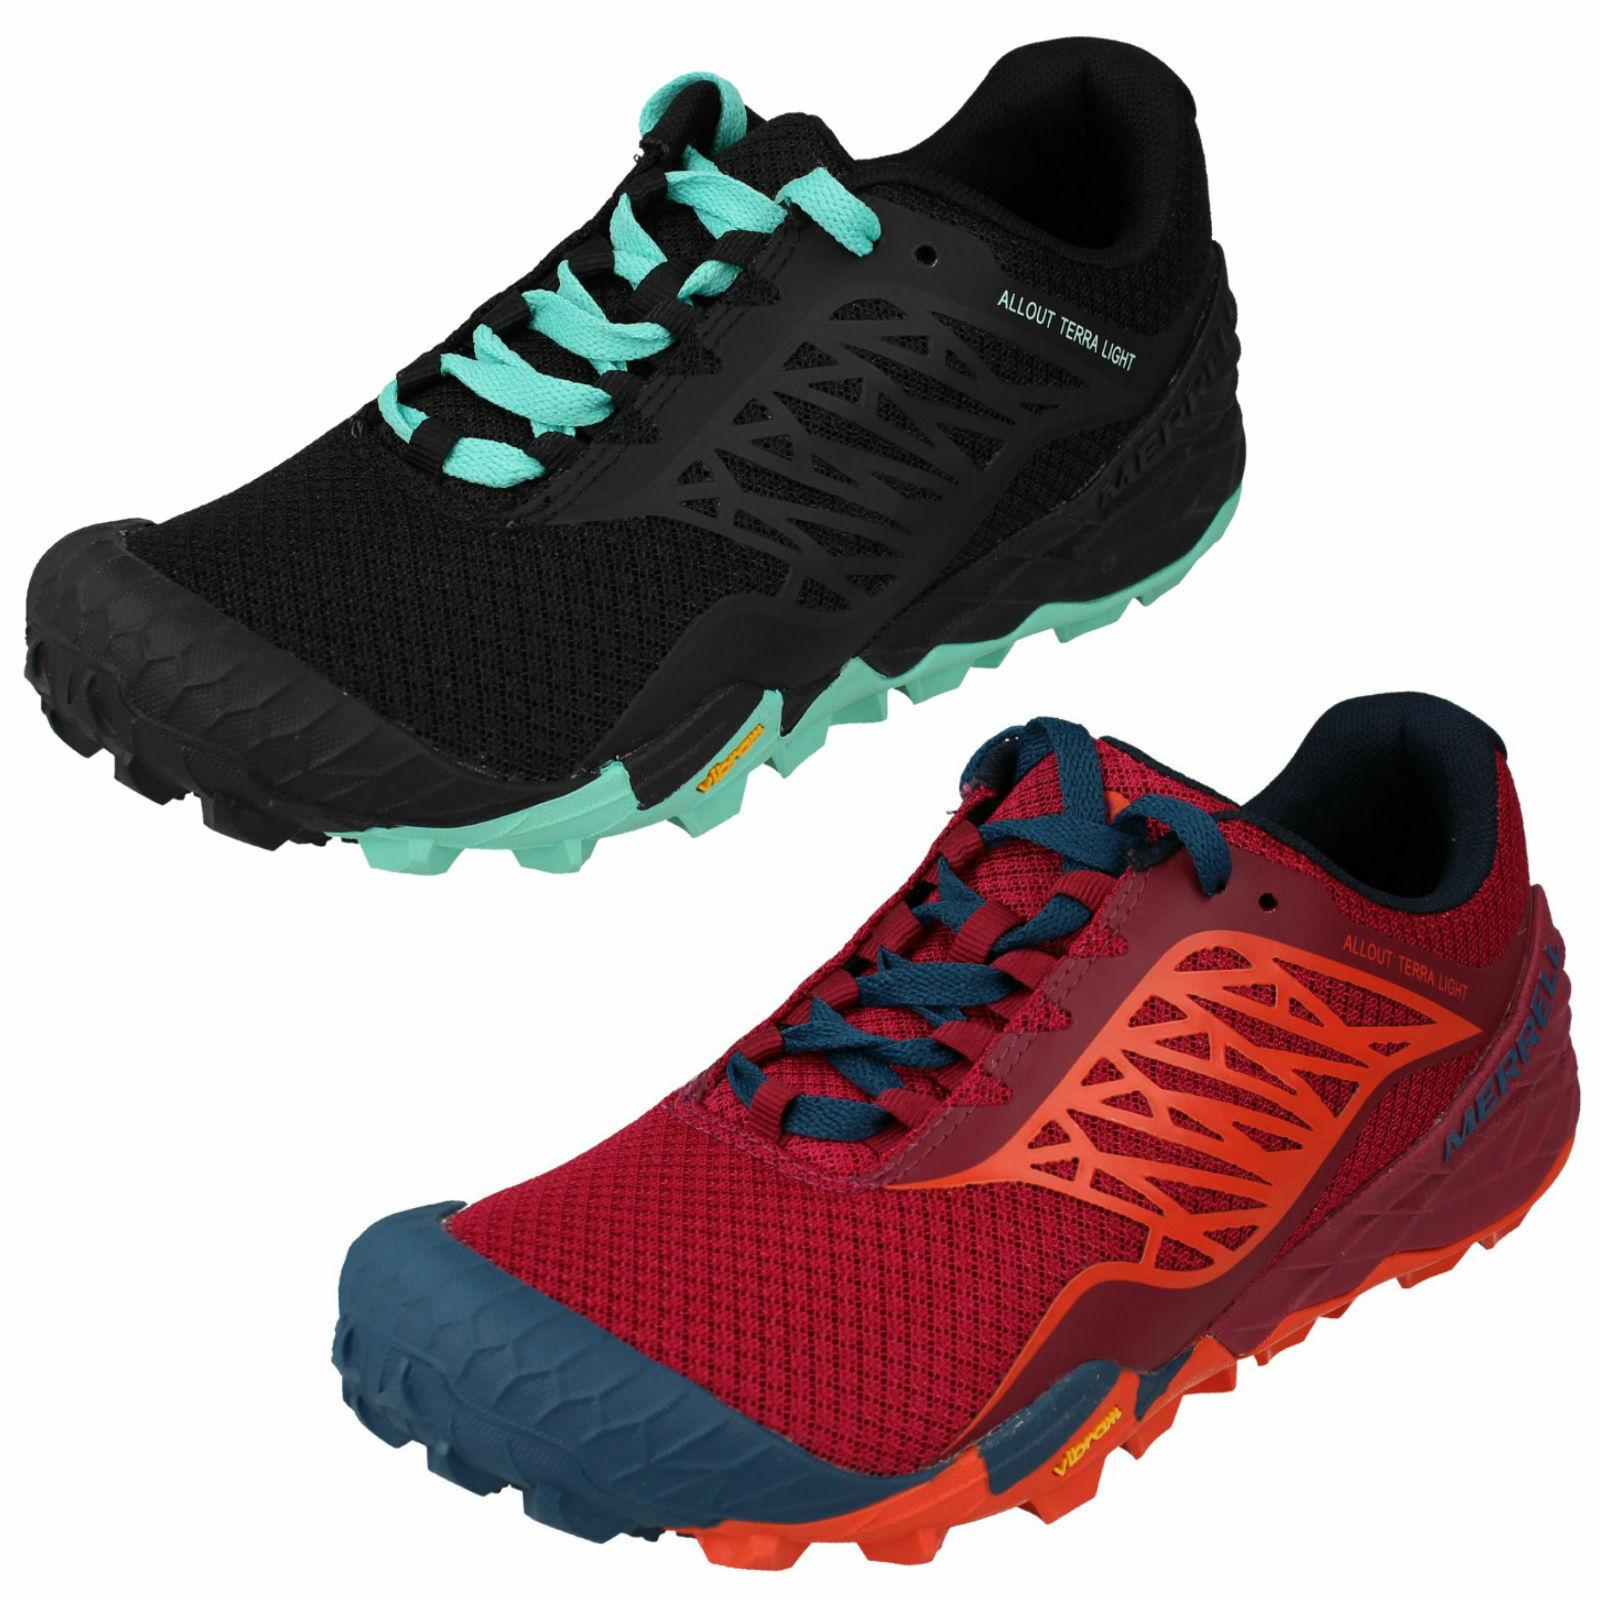 Merrell para Dama All Out Terra Light Malla Caminar Trail Running Zapatillas